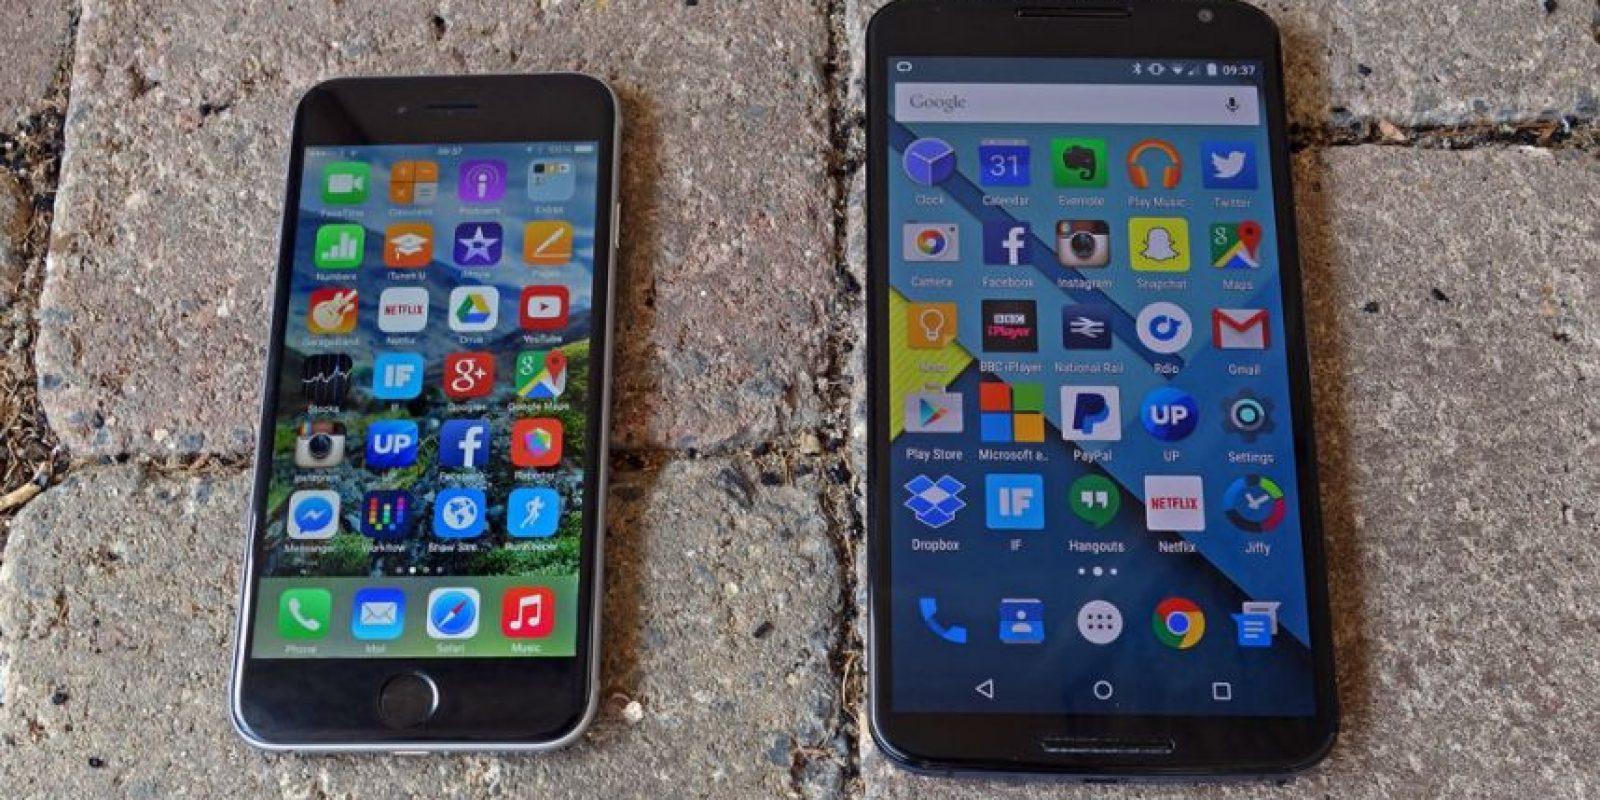 6 diferencias mostradas con capturas de pantalla Foto:Ryan McLauglin/Flickr